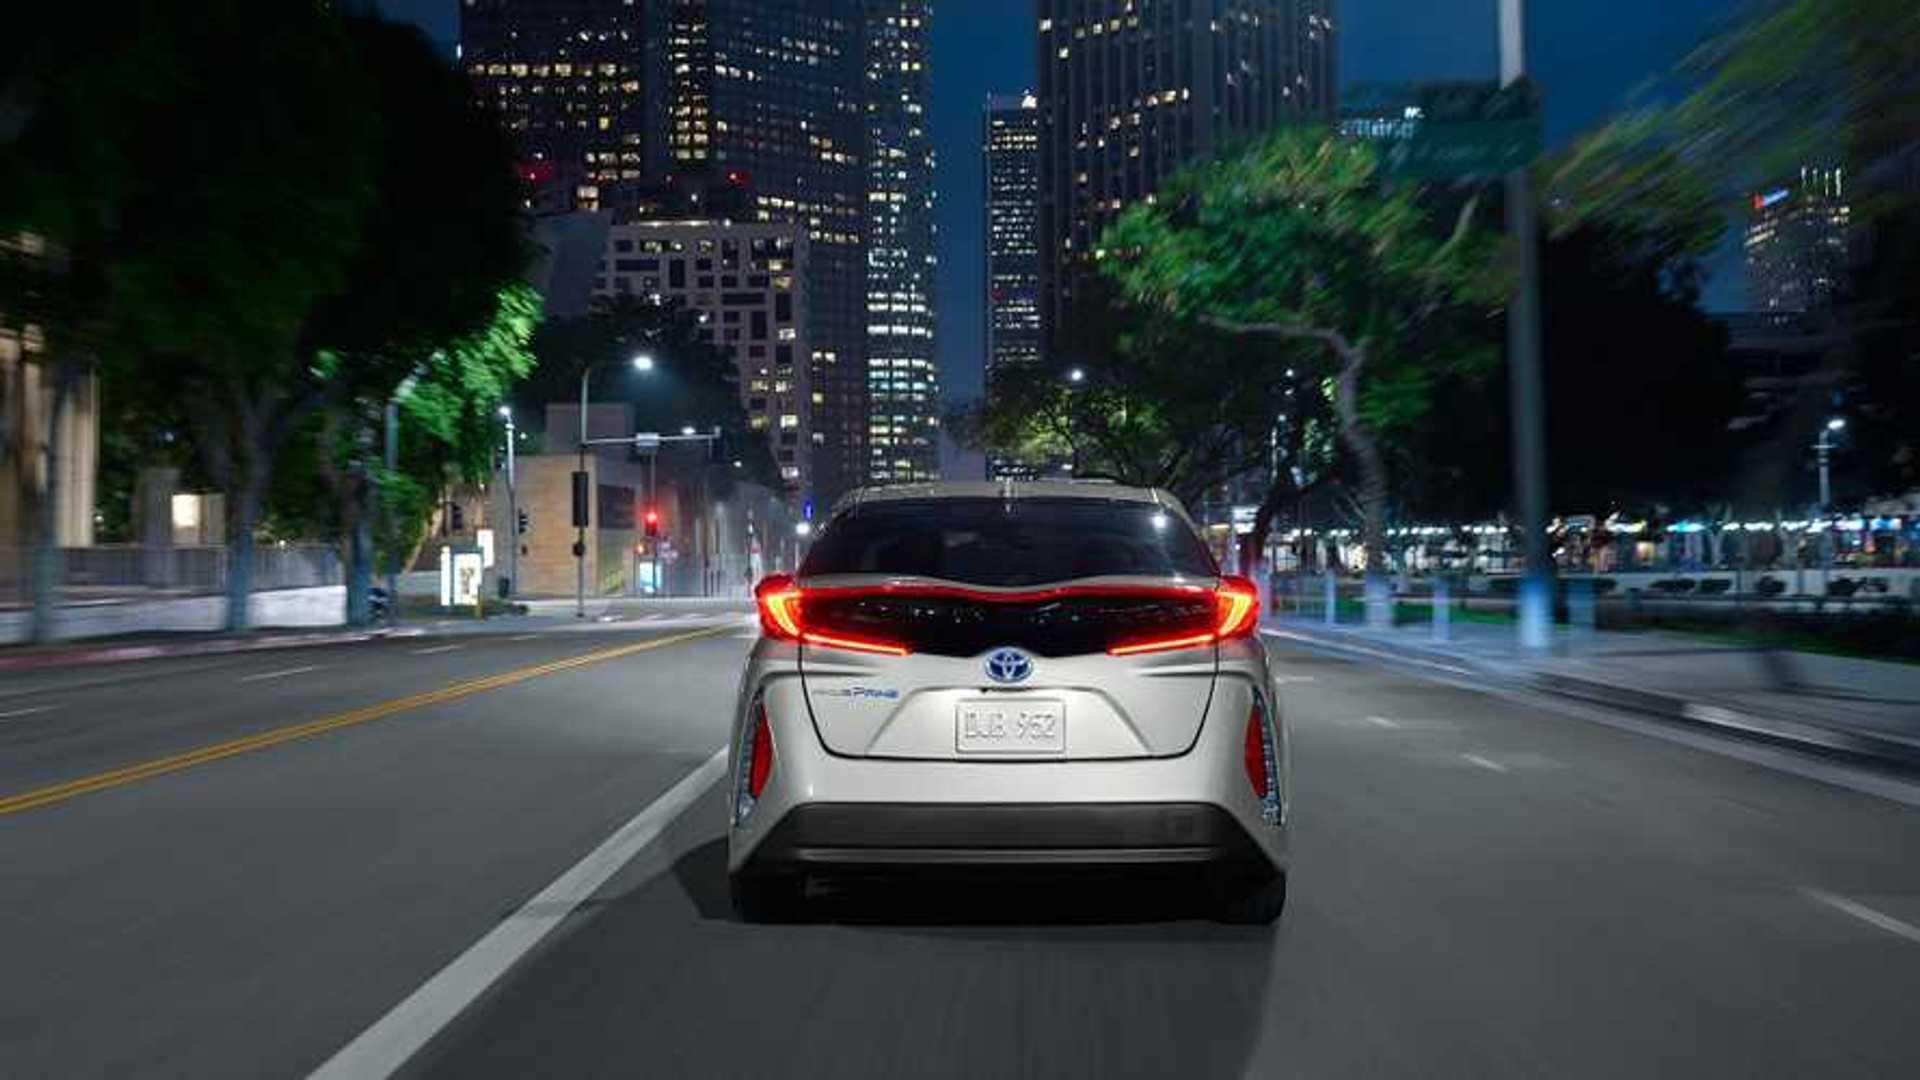 Toyota Prius Prime: Detailed Range/Efficiency Ratings - 27 Miles